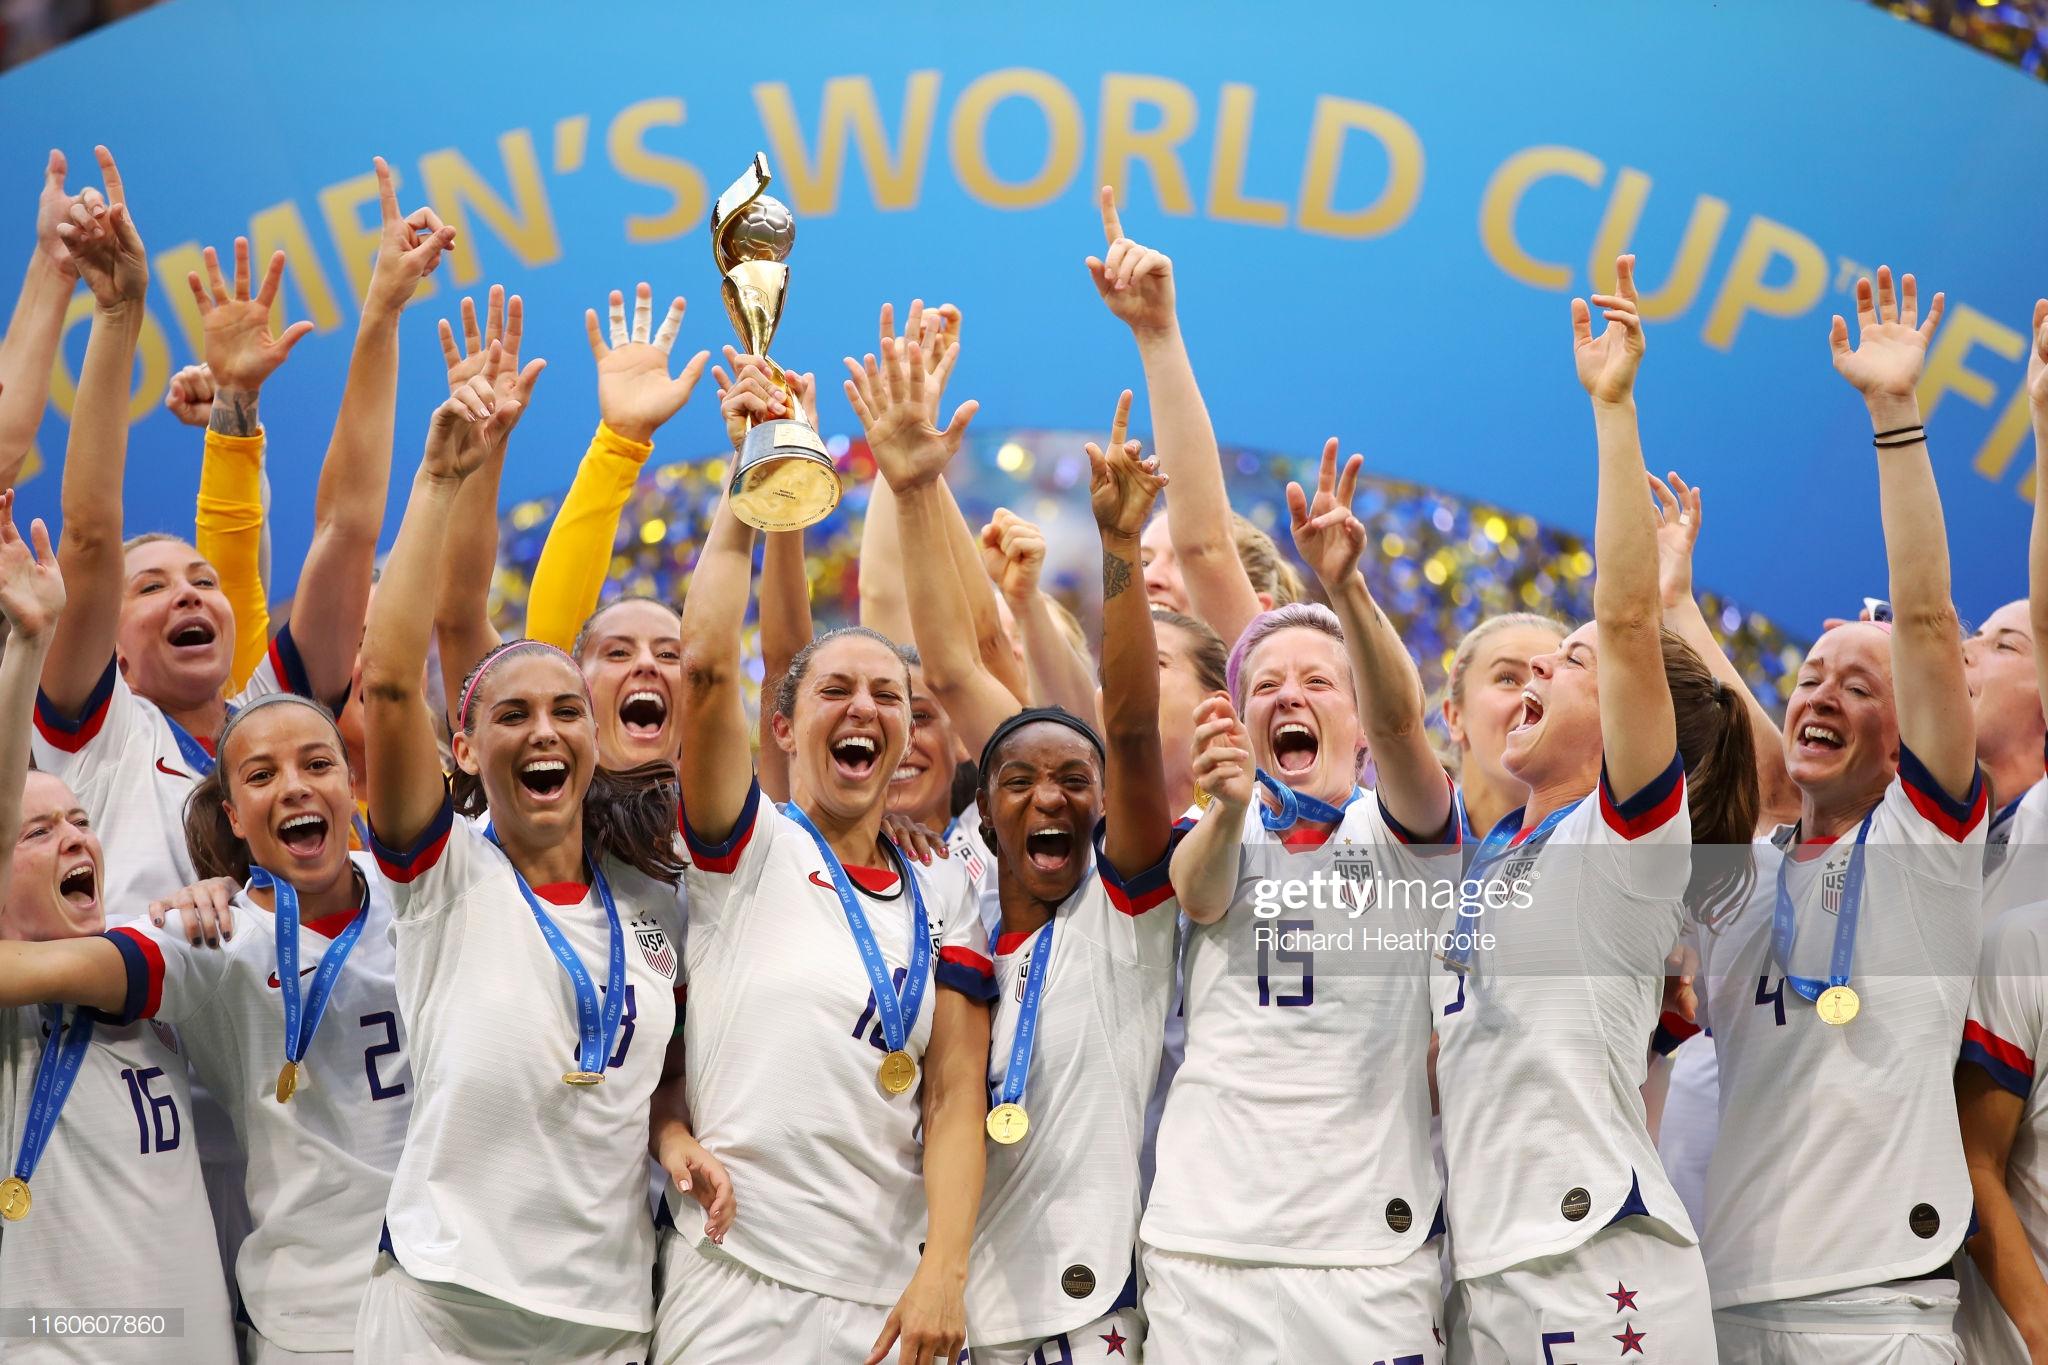 آمریکا قهرمان جام جهانی فوتبال زنان شد 7 آمریکا قهرمان جام جهانی فوتبال زنان شد